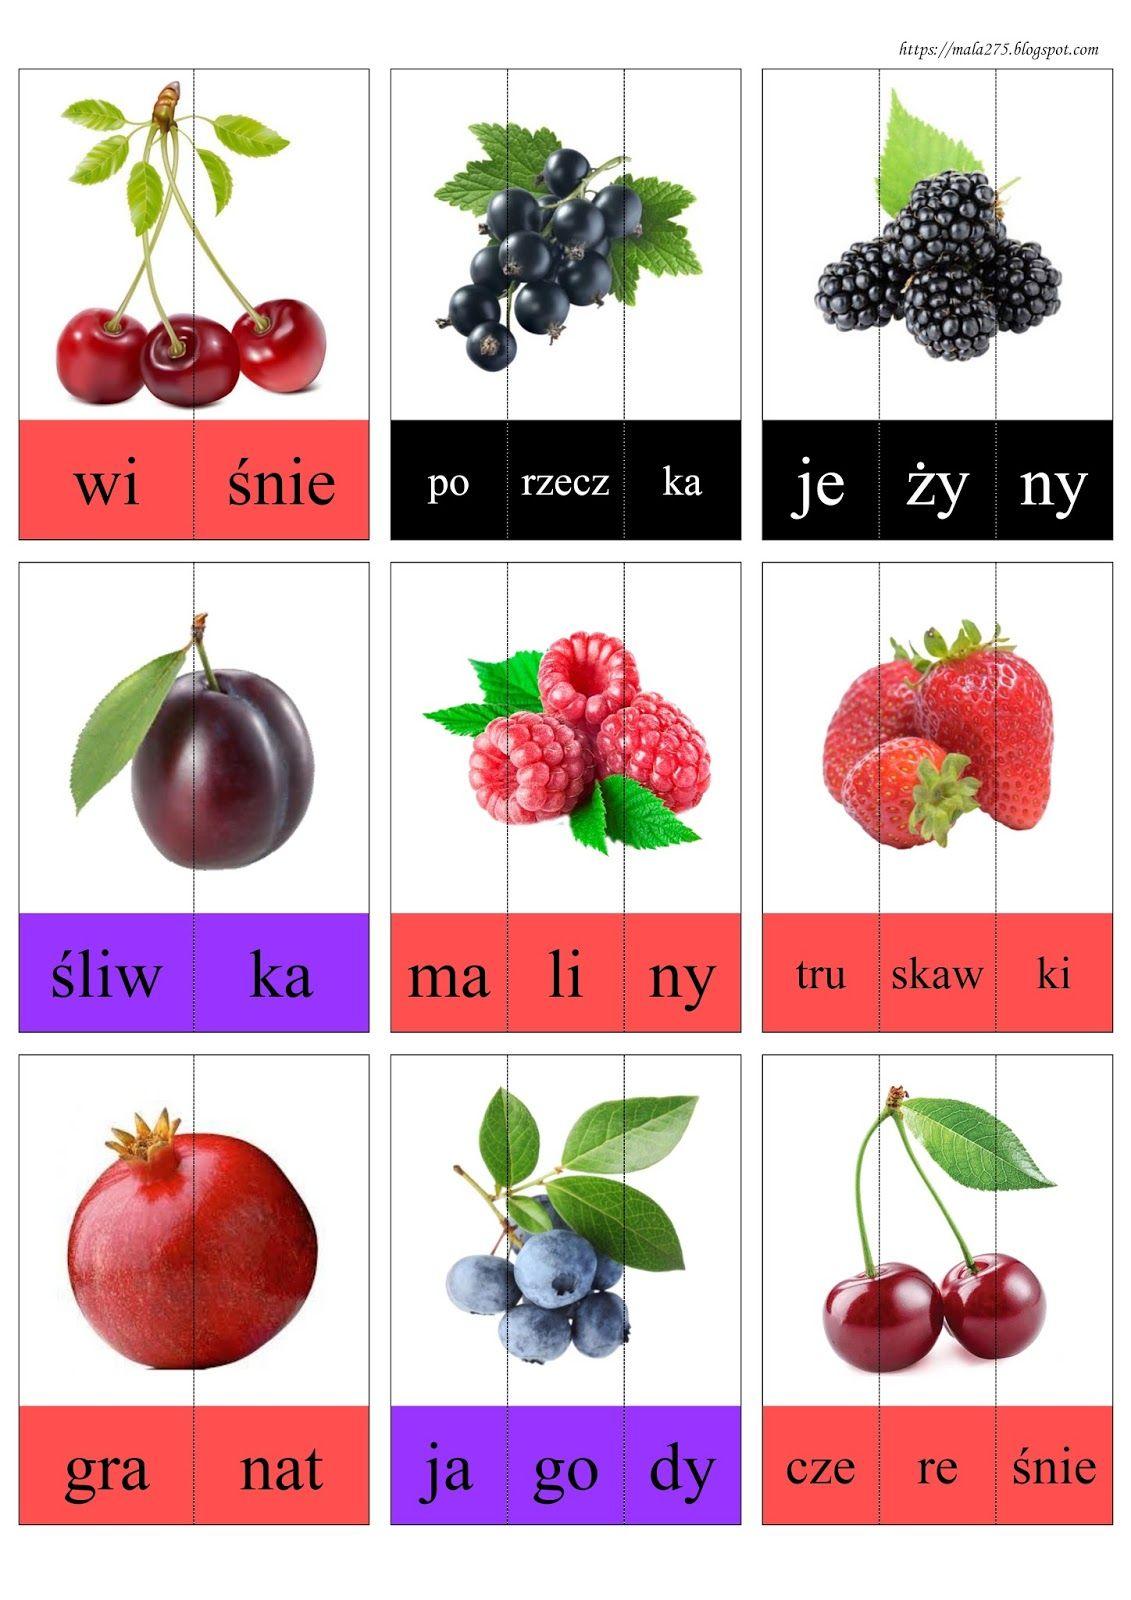 Blog Edukacyjny Dla Dzieci Dzielenie Na Sylaby Owoce In 2020 Polish Language Montessori Education